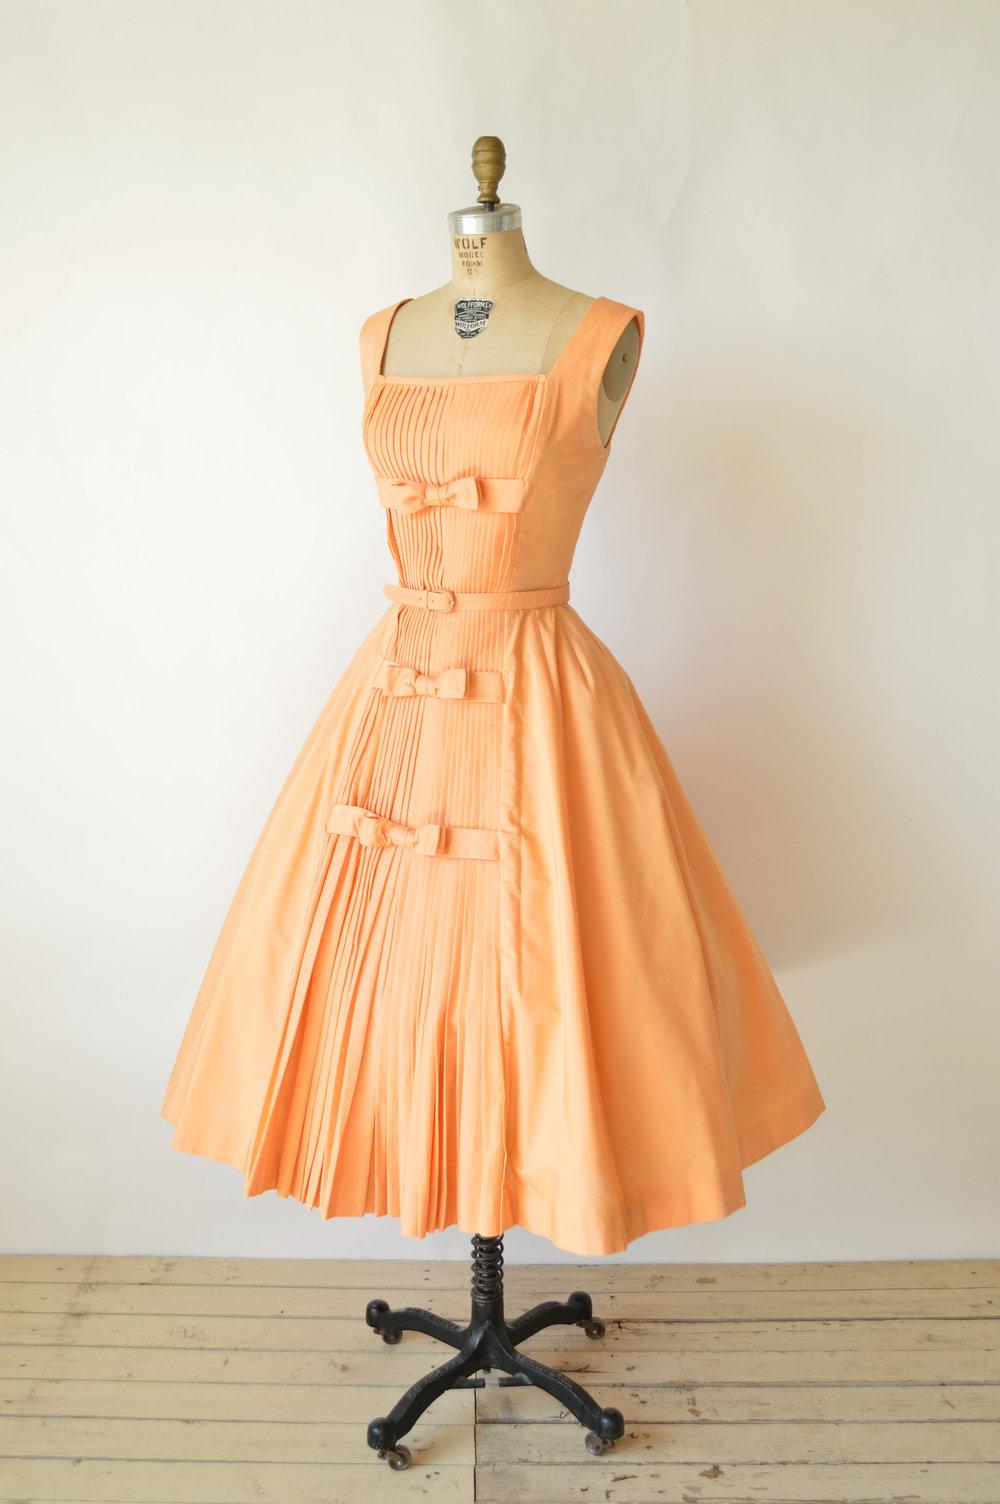 Vintage 1950s Suzy Perette Party Dress